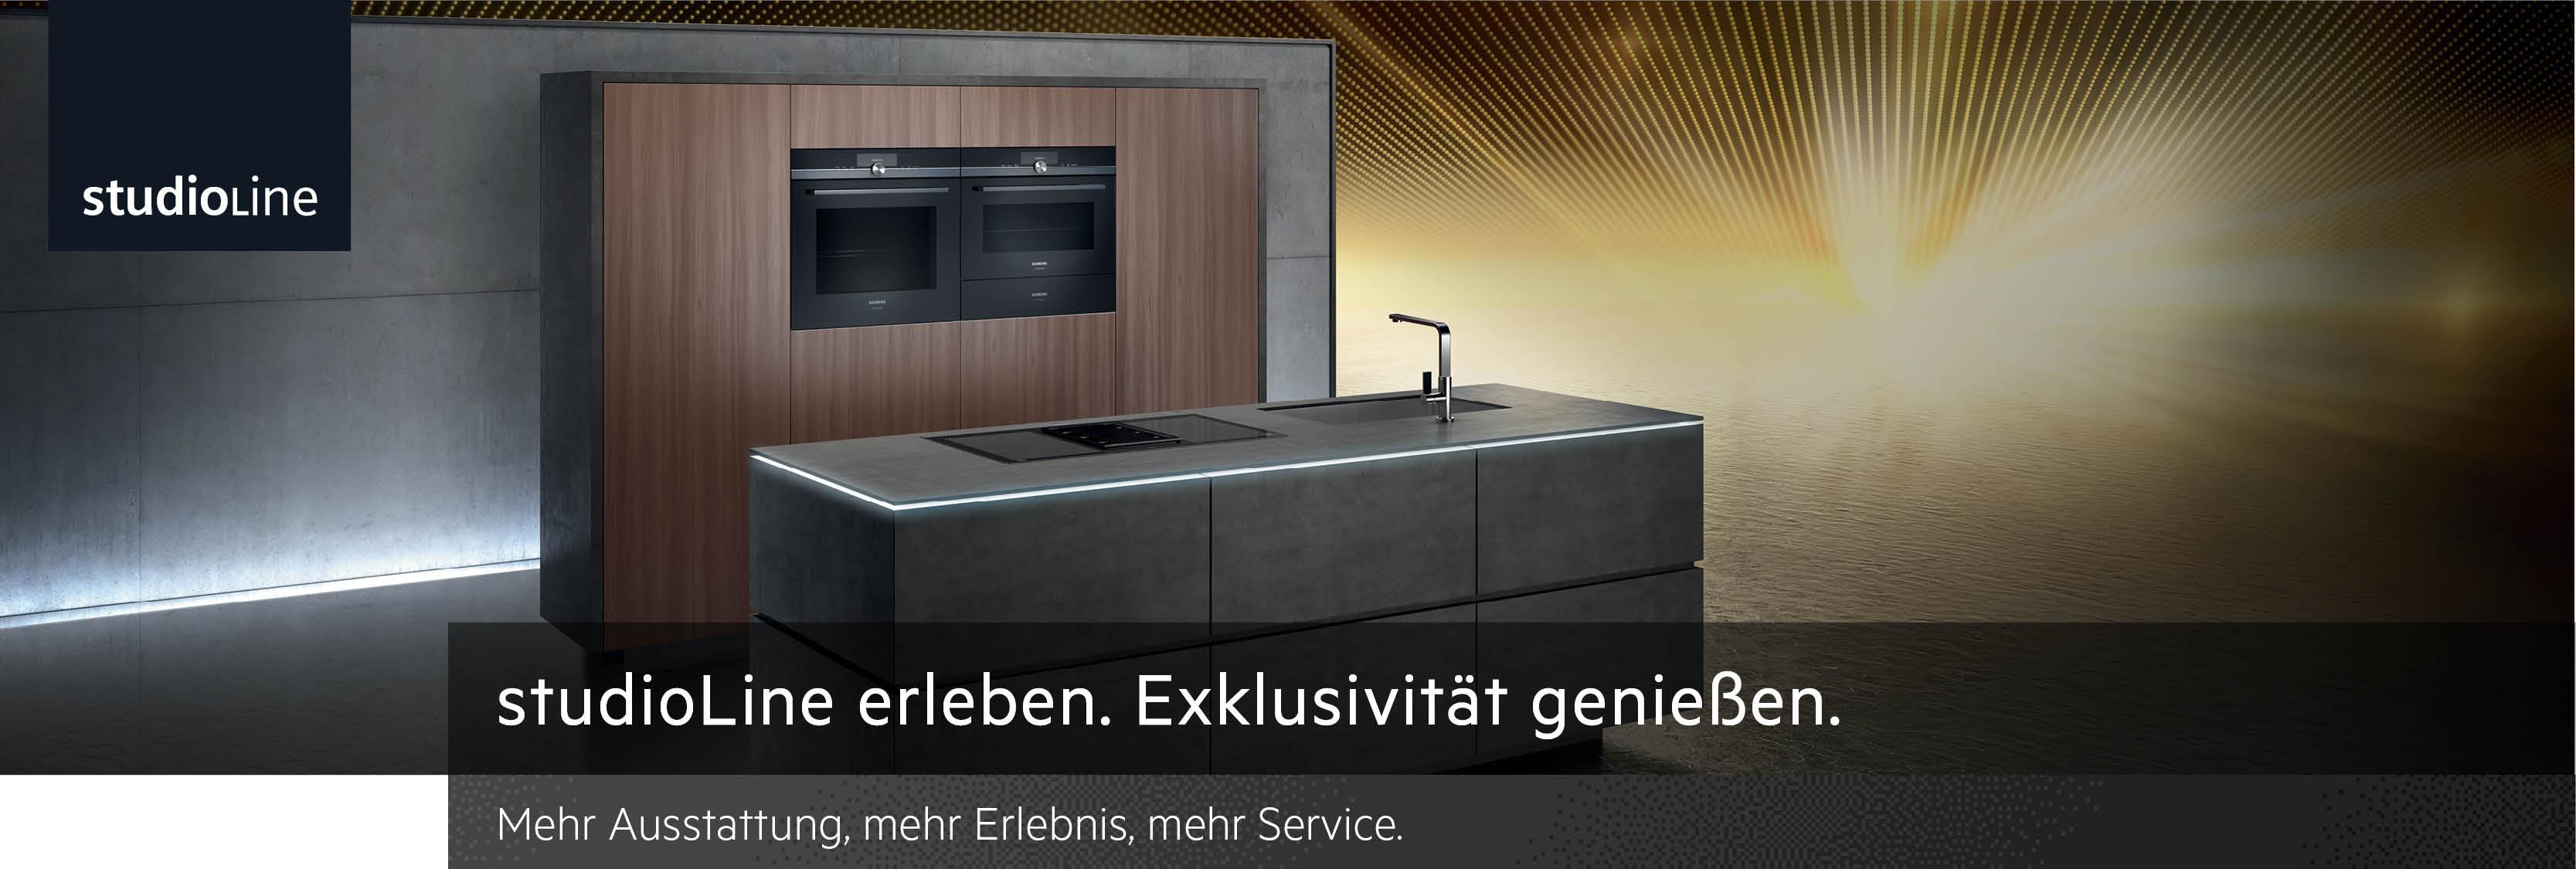 Đầu bếp của Siemens